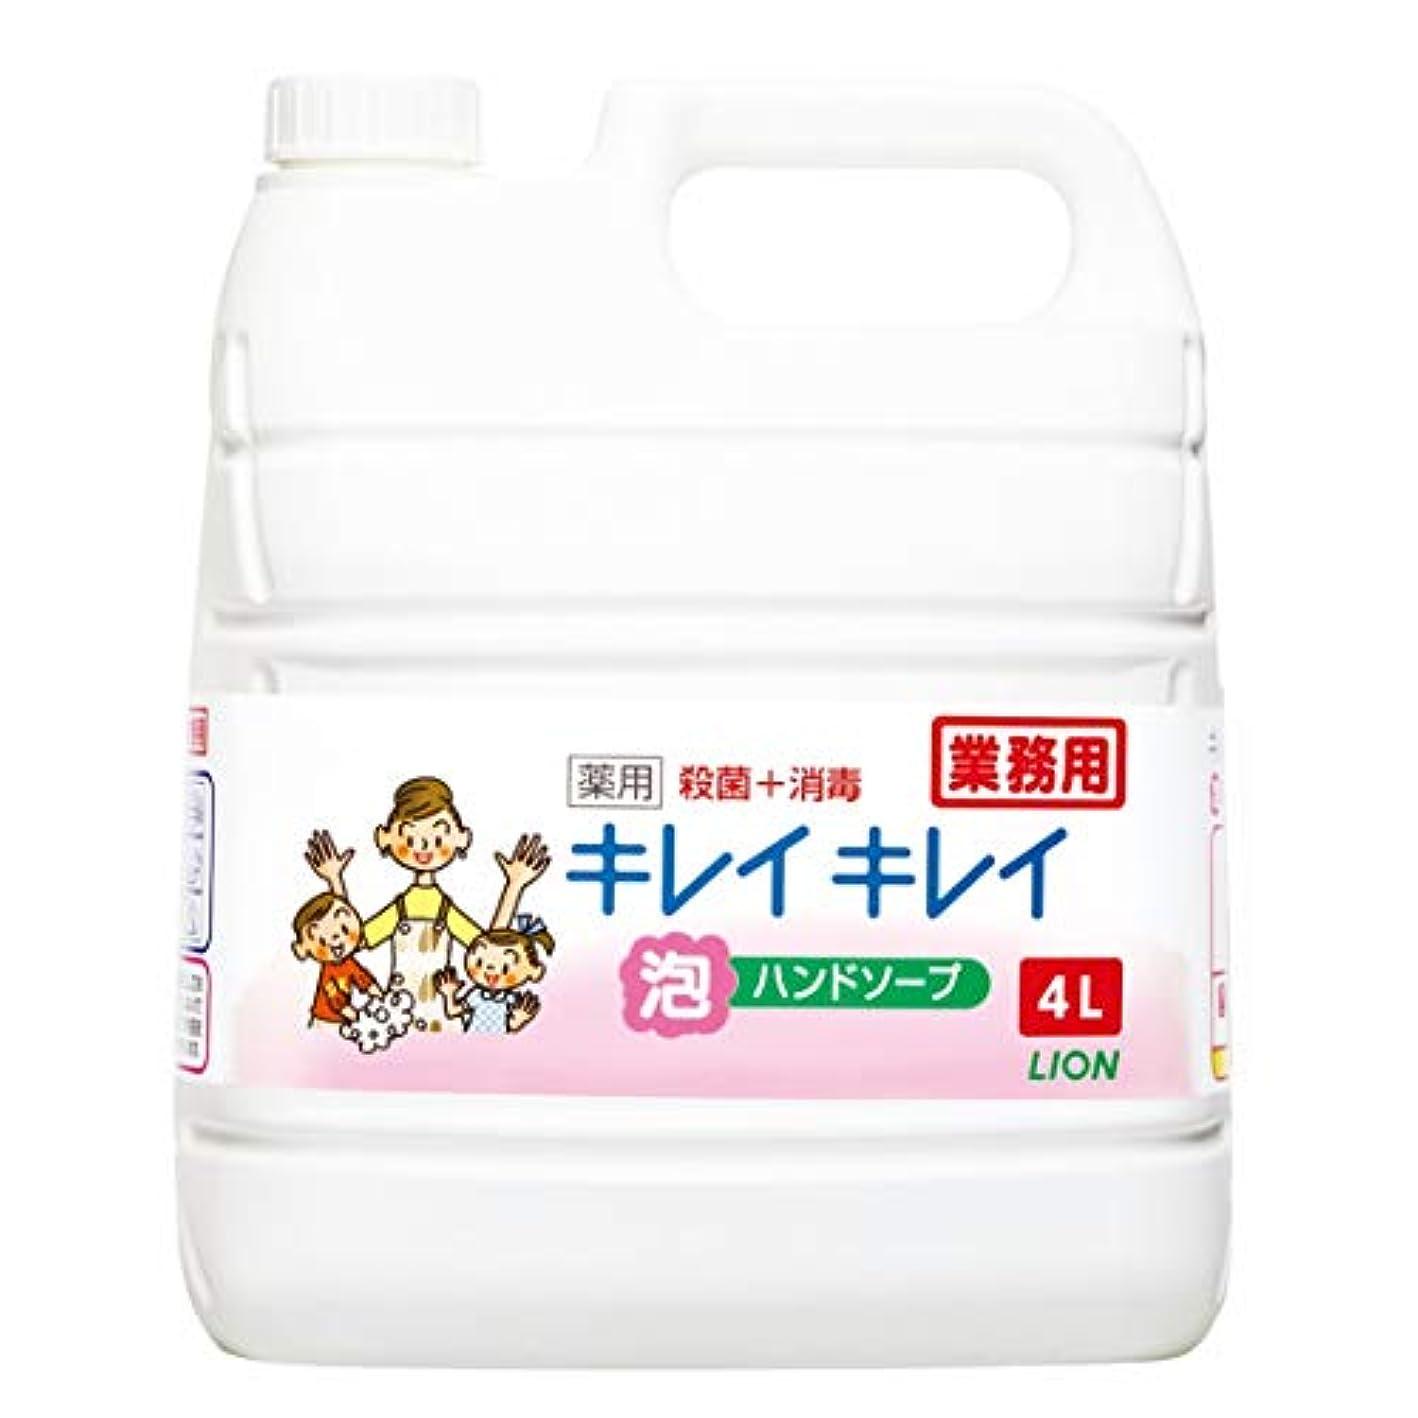 悩み所有者因子【業務用 大容量】キレイキレイ 薬用 泡ハンドソープ シトラスフルーティの香り 液体 単品 4L(医薬部外品)